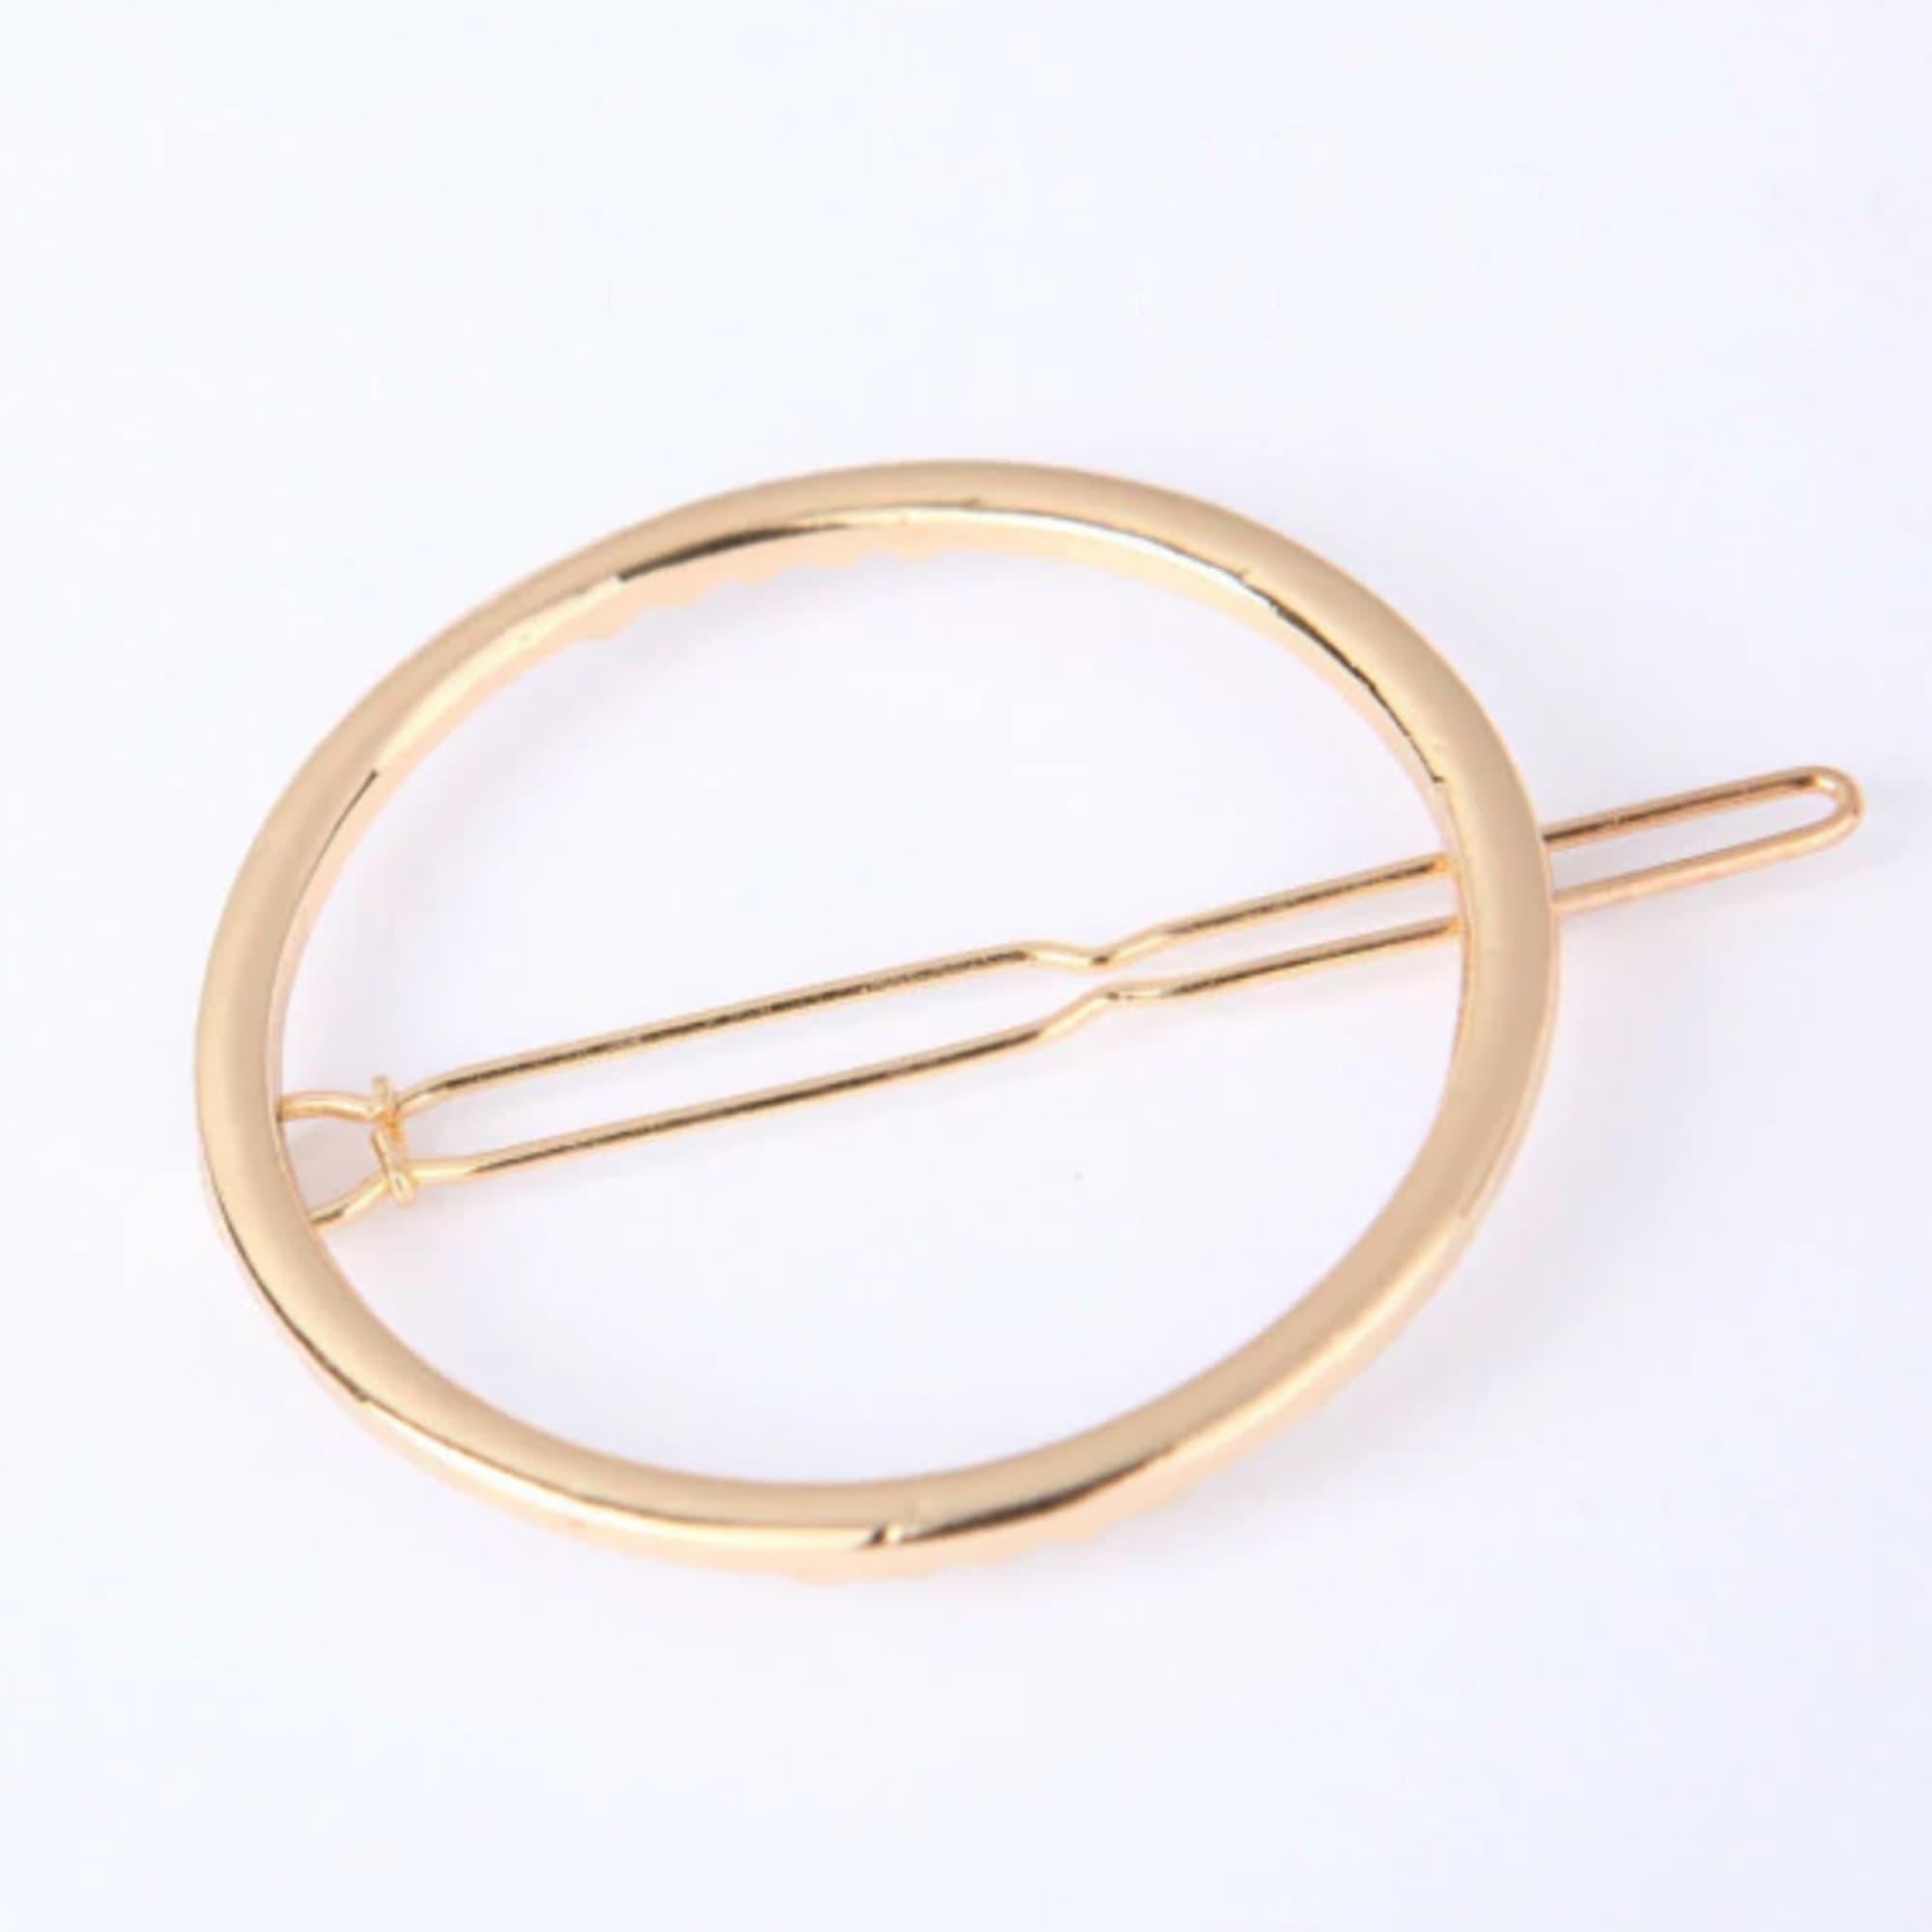 ... Predlžovanie vlasov a účesy - Kovová spona do vlasov - Orbit - zlatá d3b422a15a